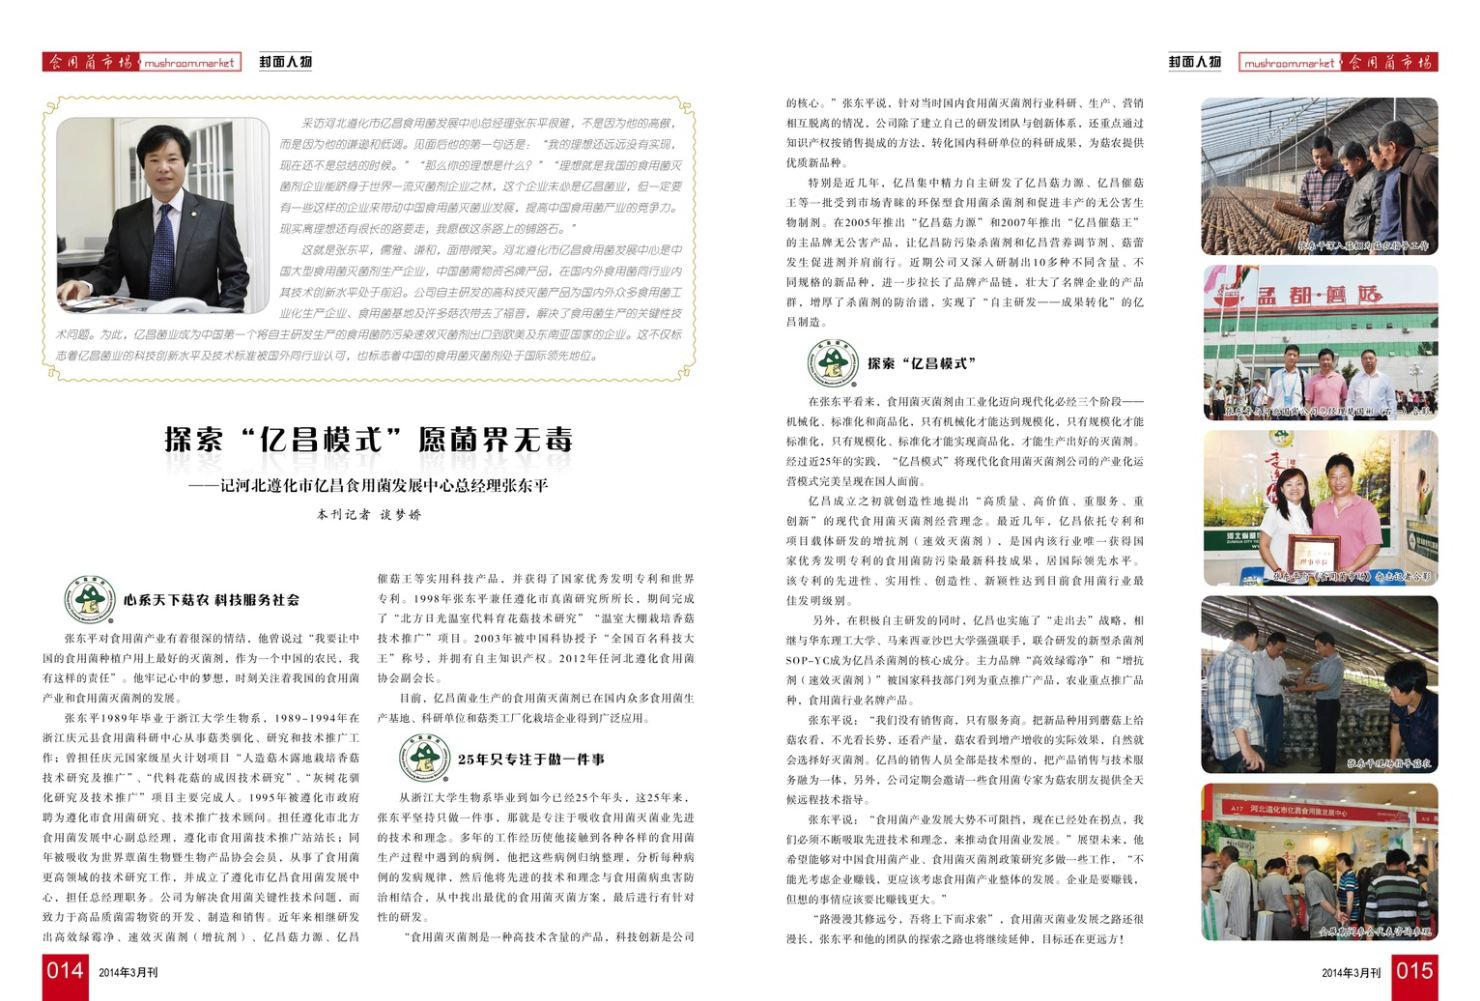 2014《食用菌市场》第3期封面-张东平